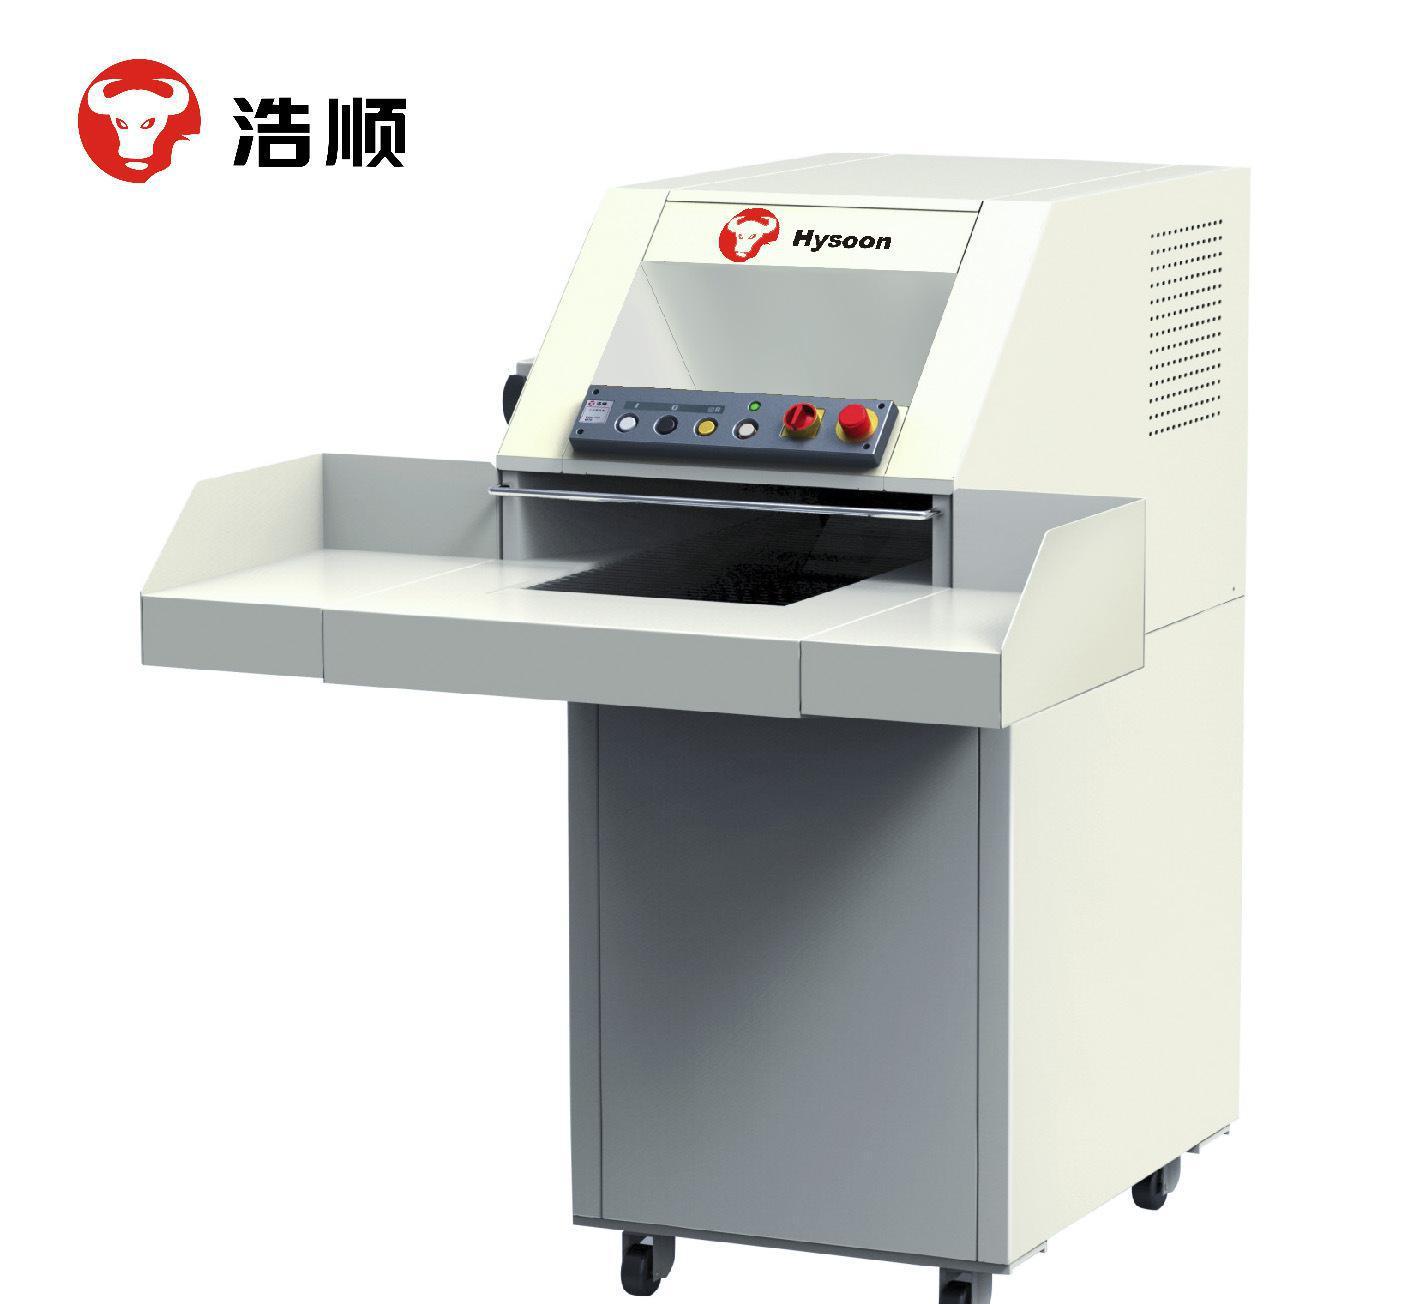 浩顺 S-4170 (1PH)电动办公家用段状粉碎机 商业工业碎纸机